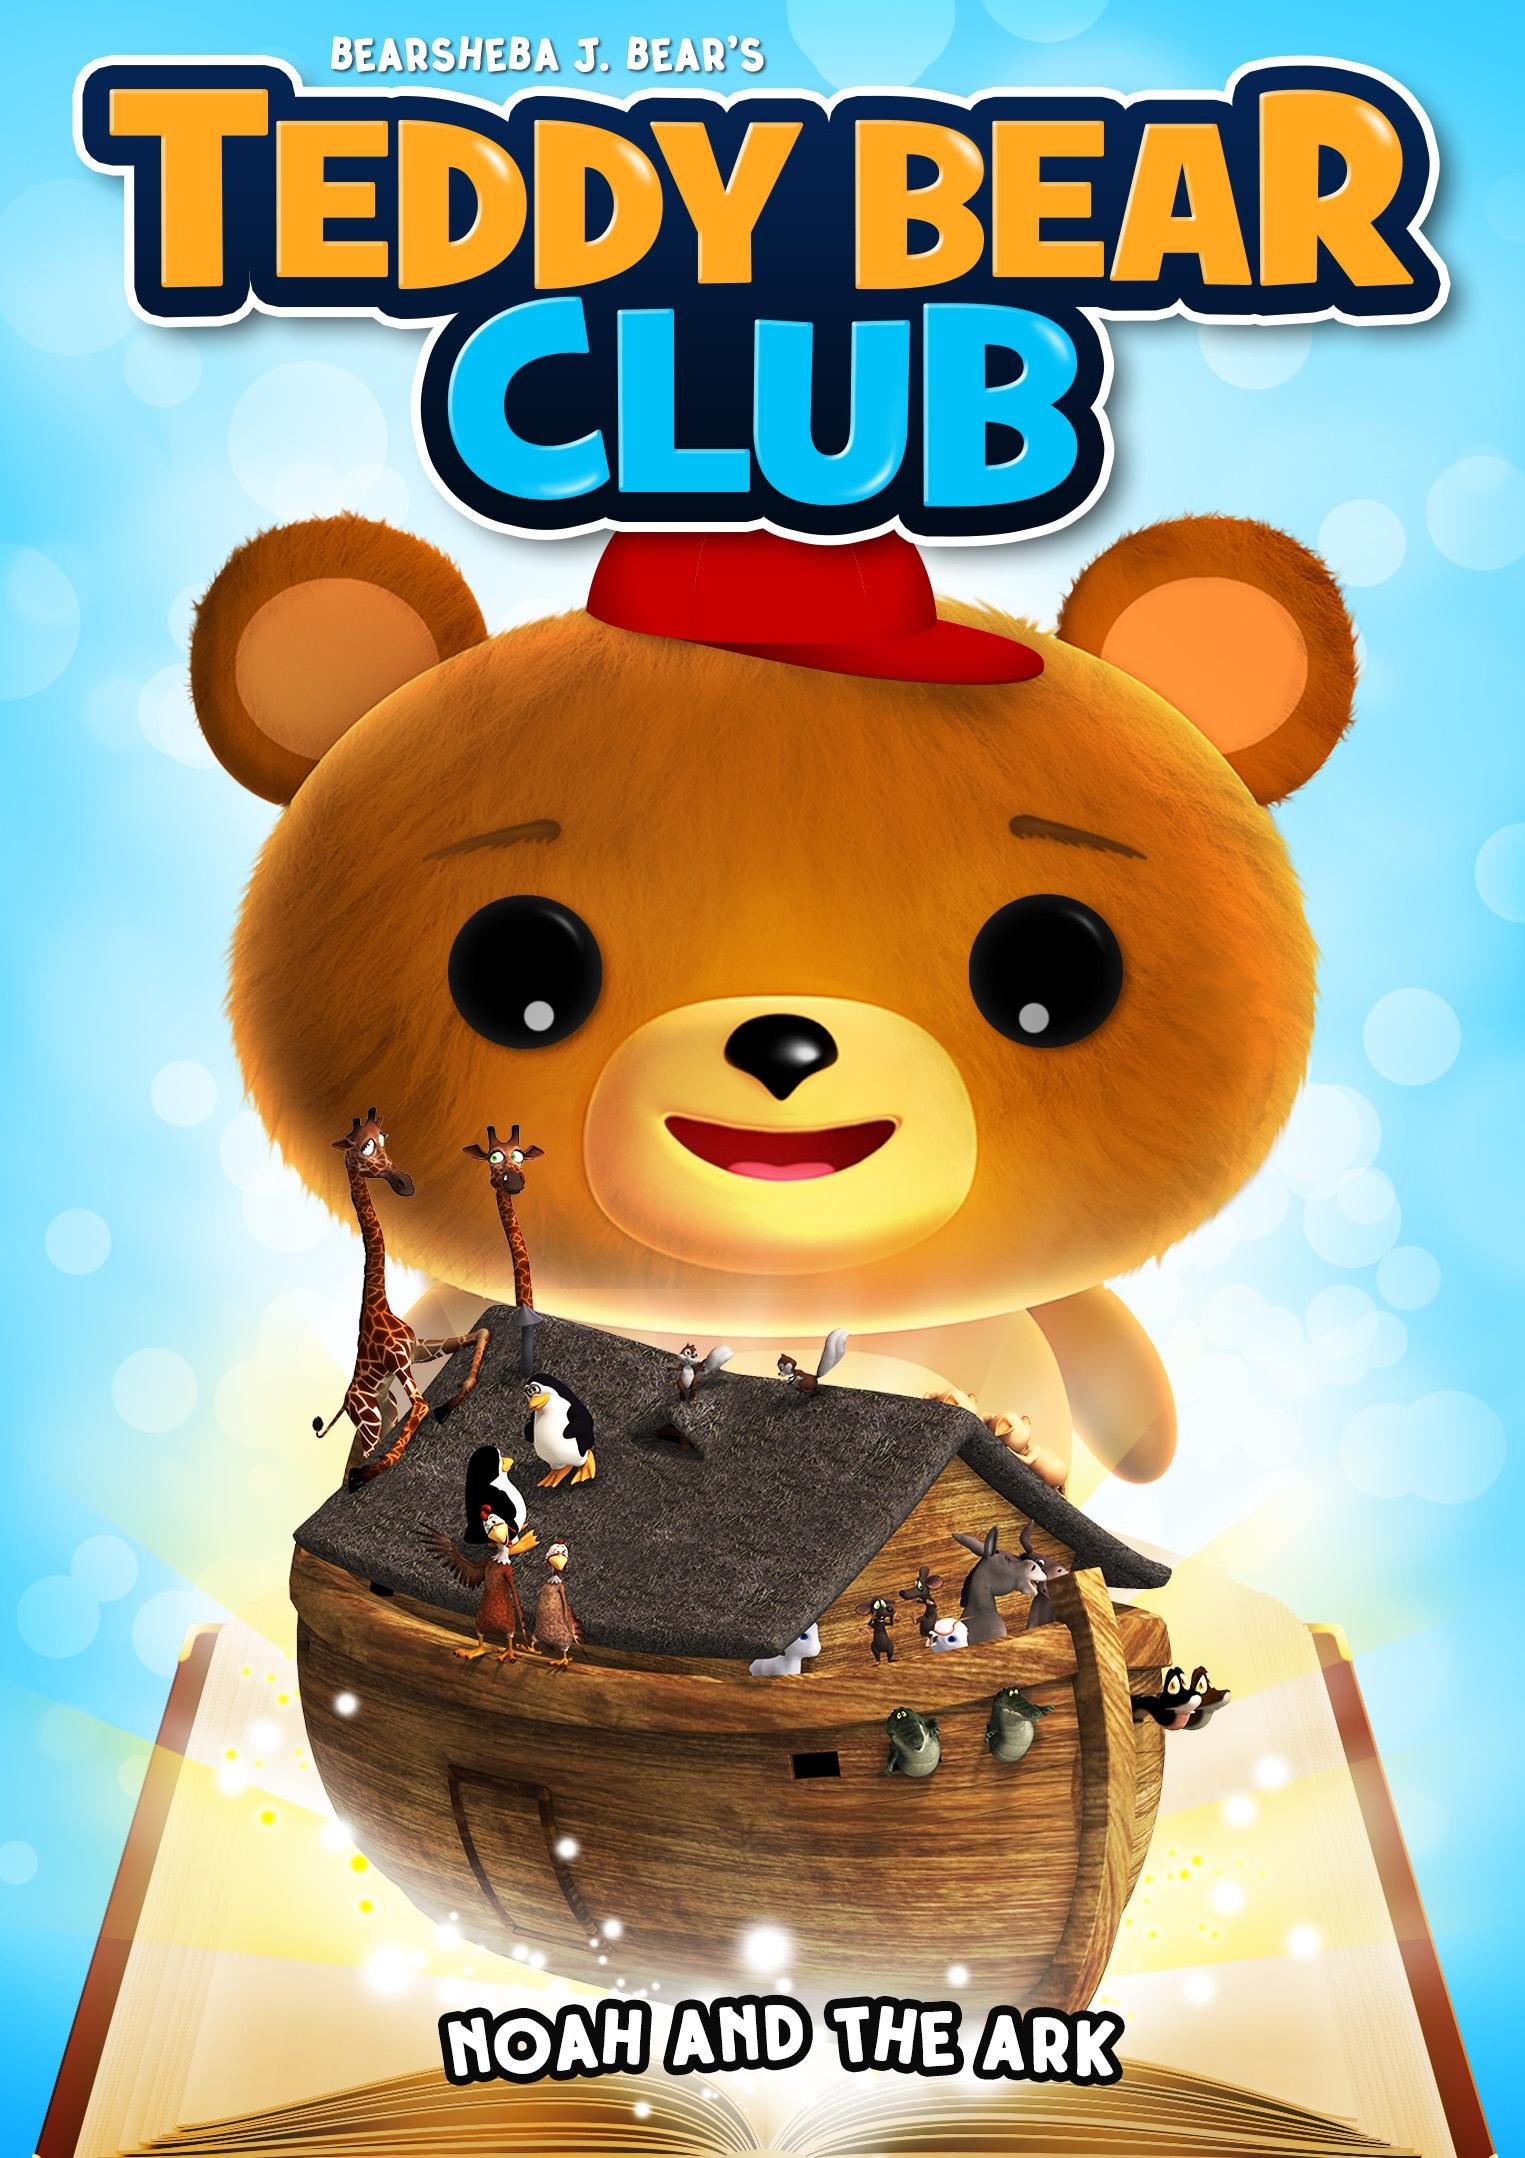 Bearsheba J. Bear's Teddy Bear Club: Noah and the Ark